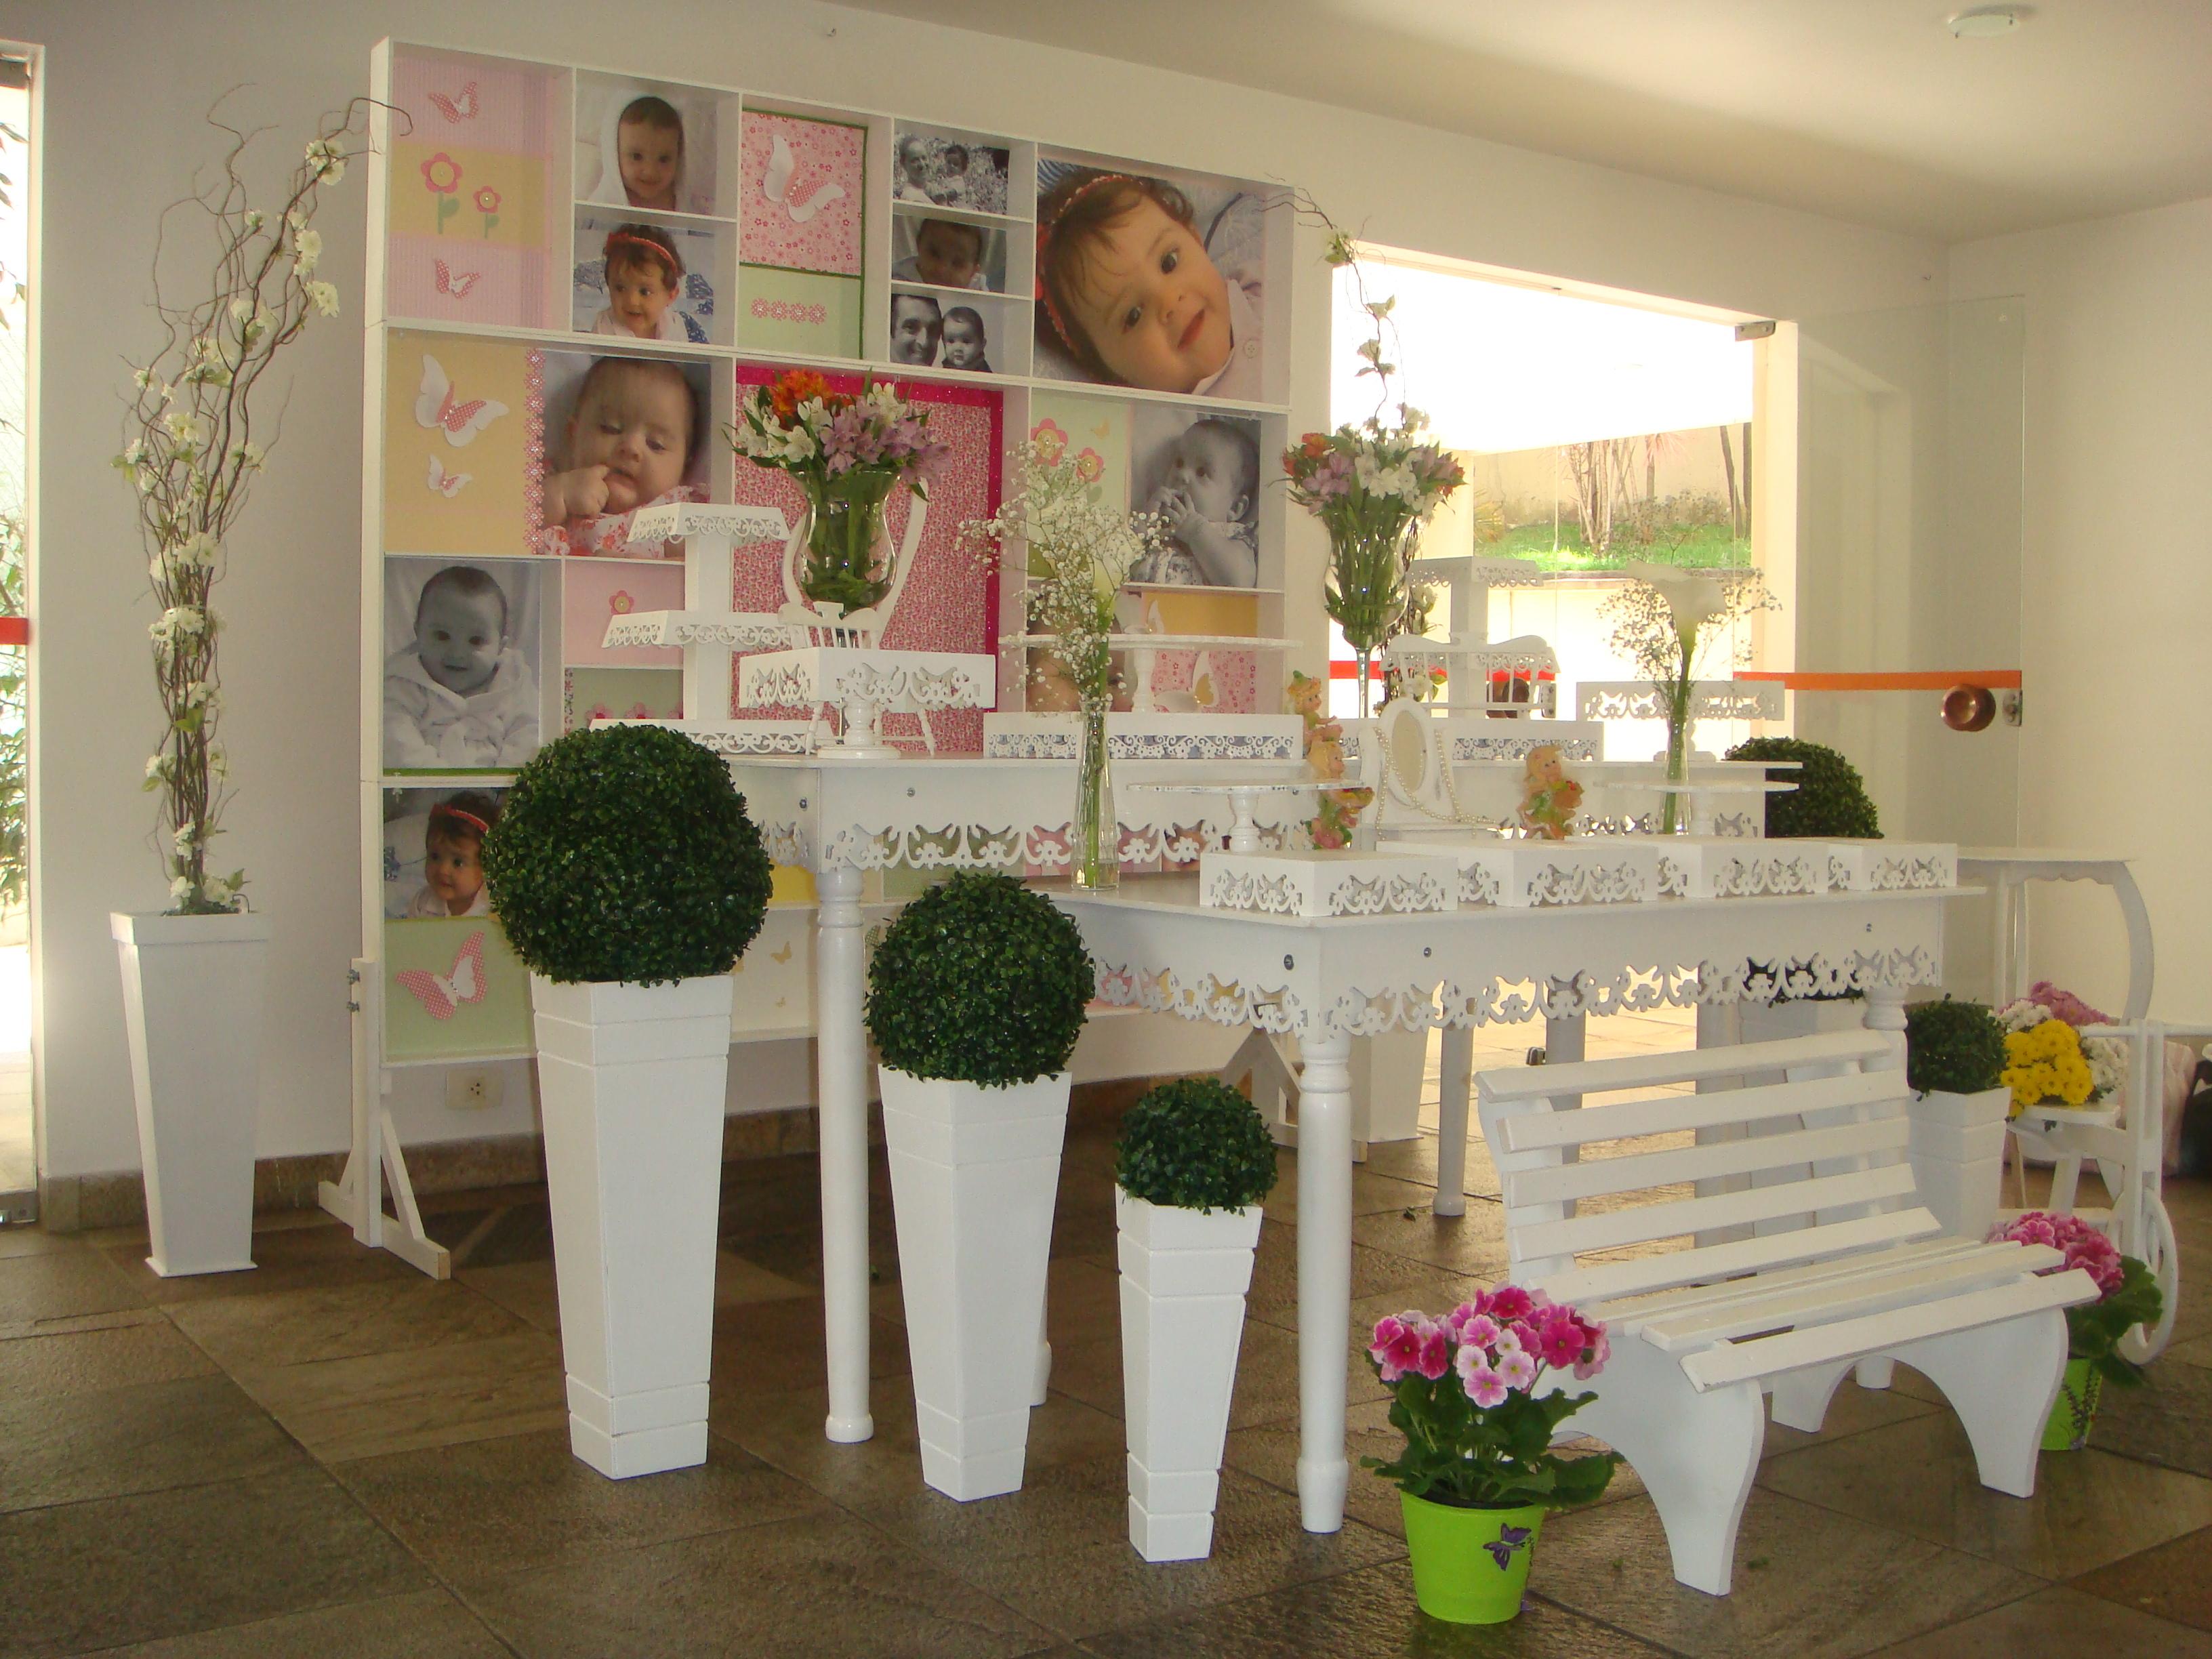 Festa Infantil Jardim Encantado Decoracao Provencal